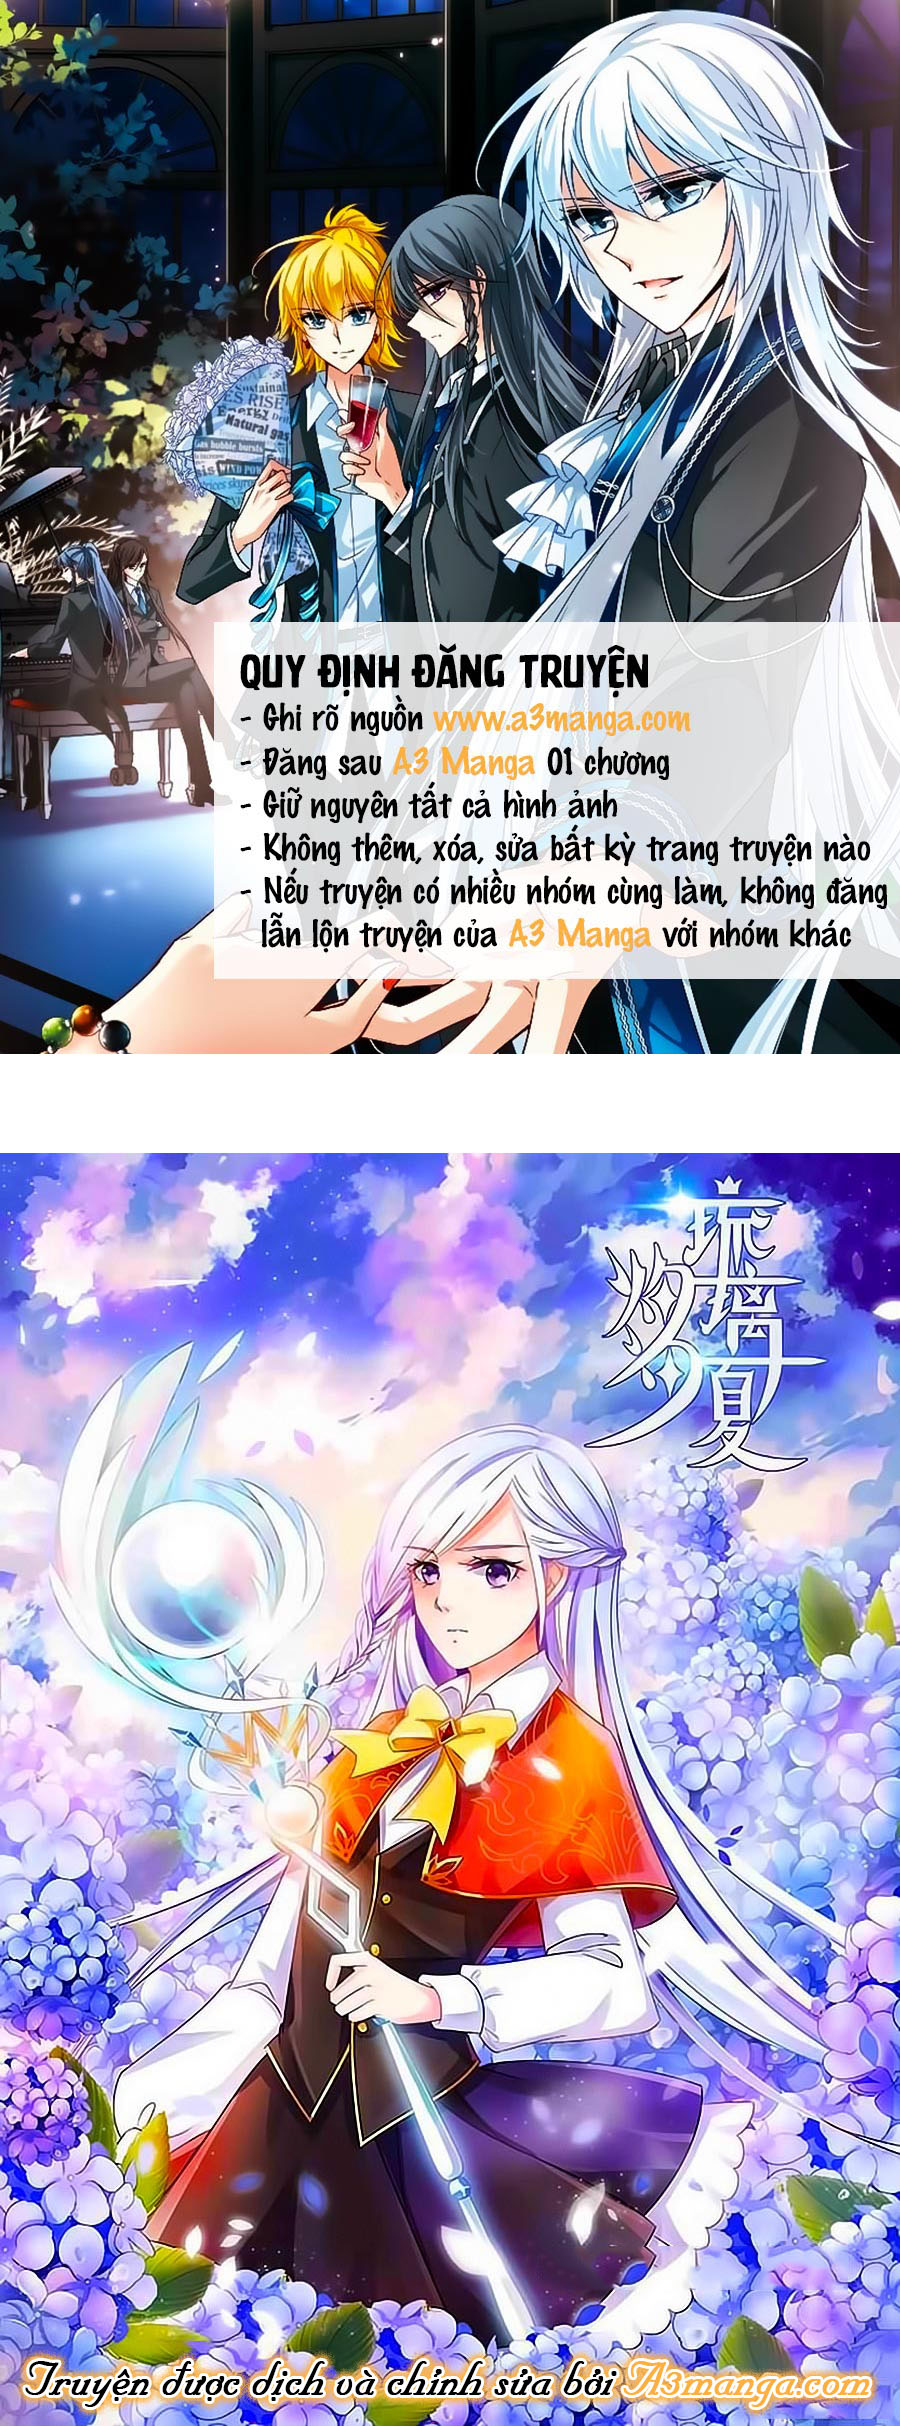 Chước Chước Lưu Ly Hạ Chap 10